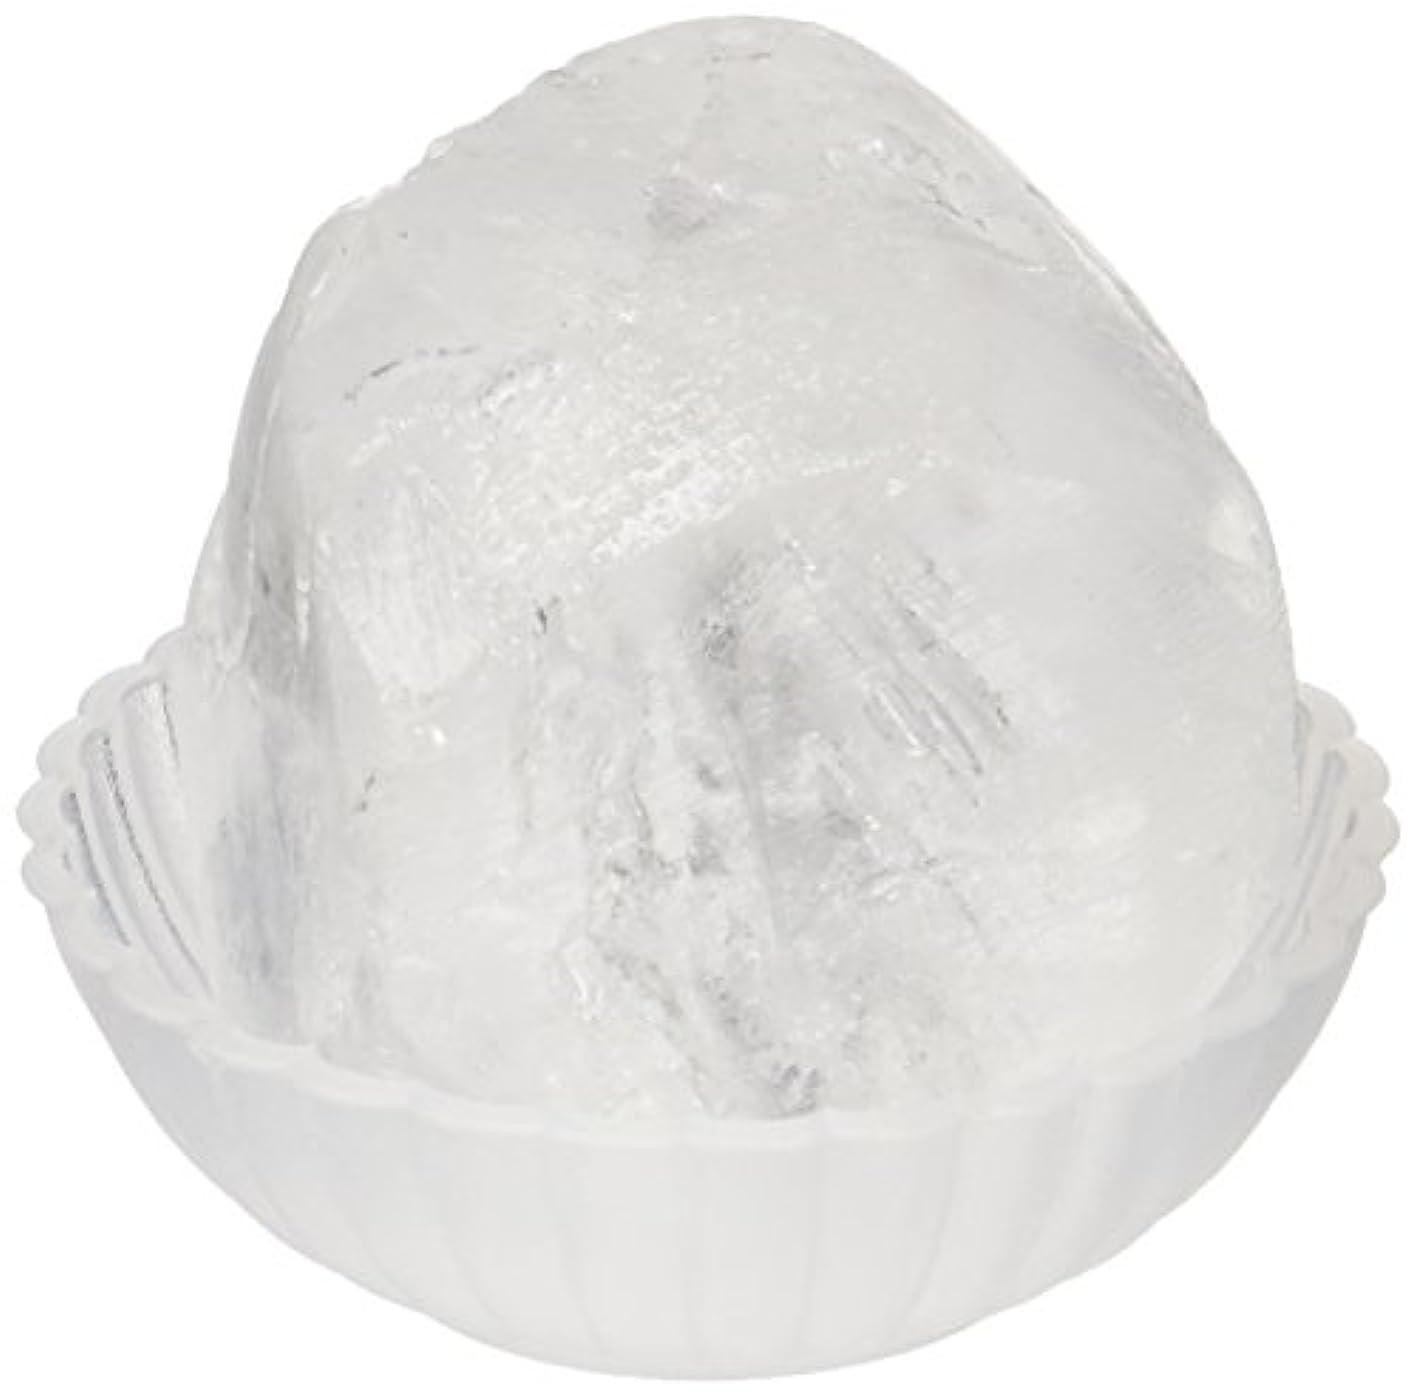 熟読する外観曇ったクリスタルボディデオドラント ボール タイプ お得サイズ140g - アルム石(みょうばん)のデオドラント